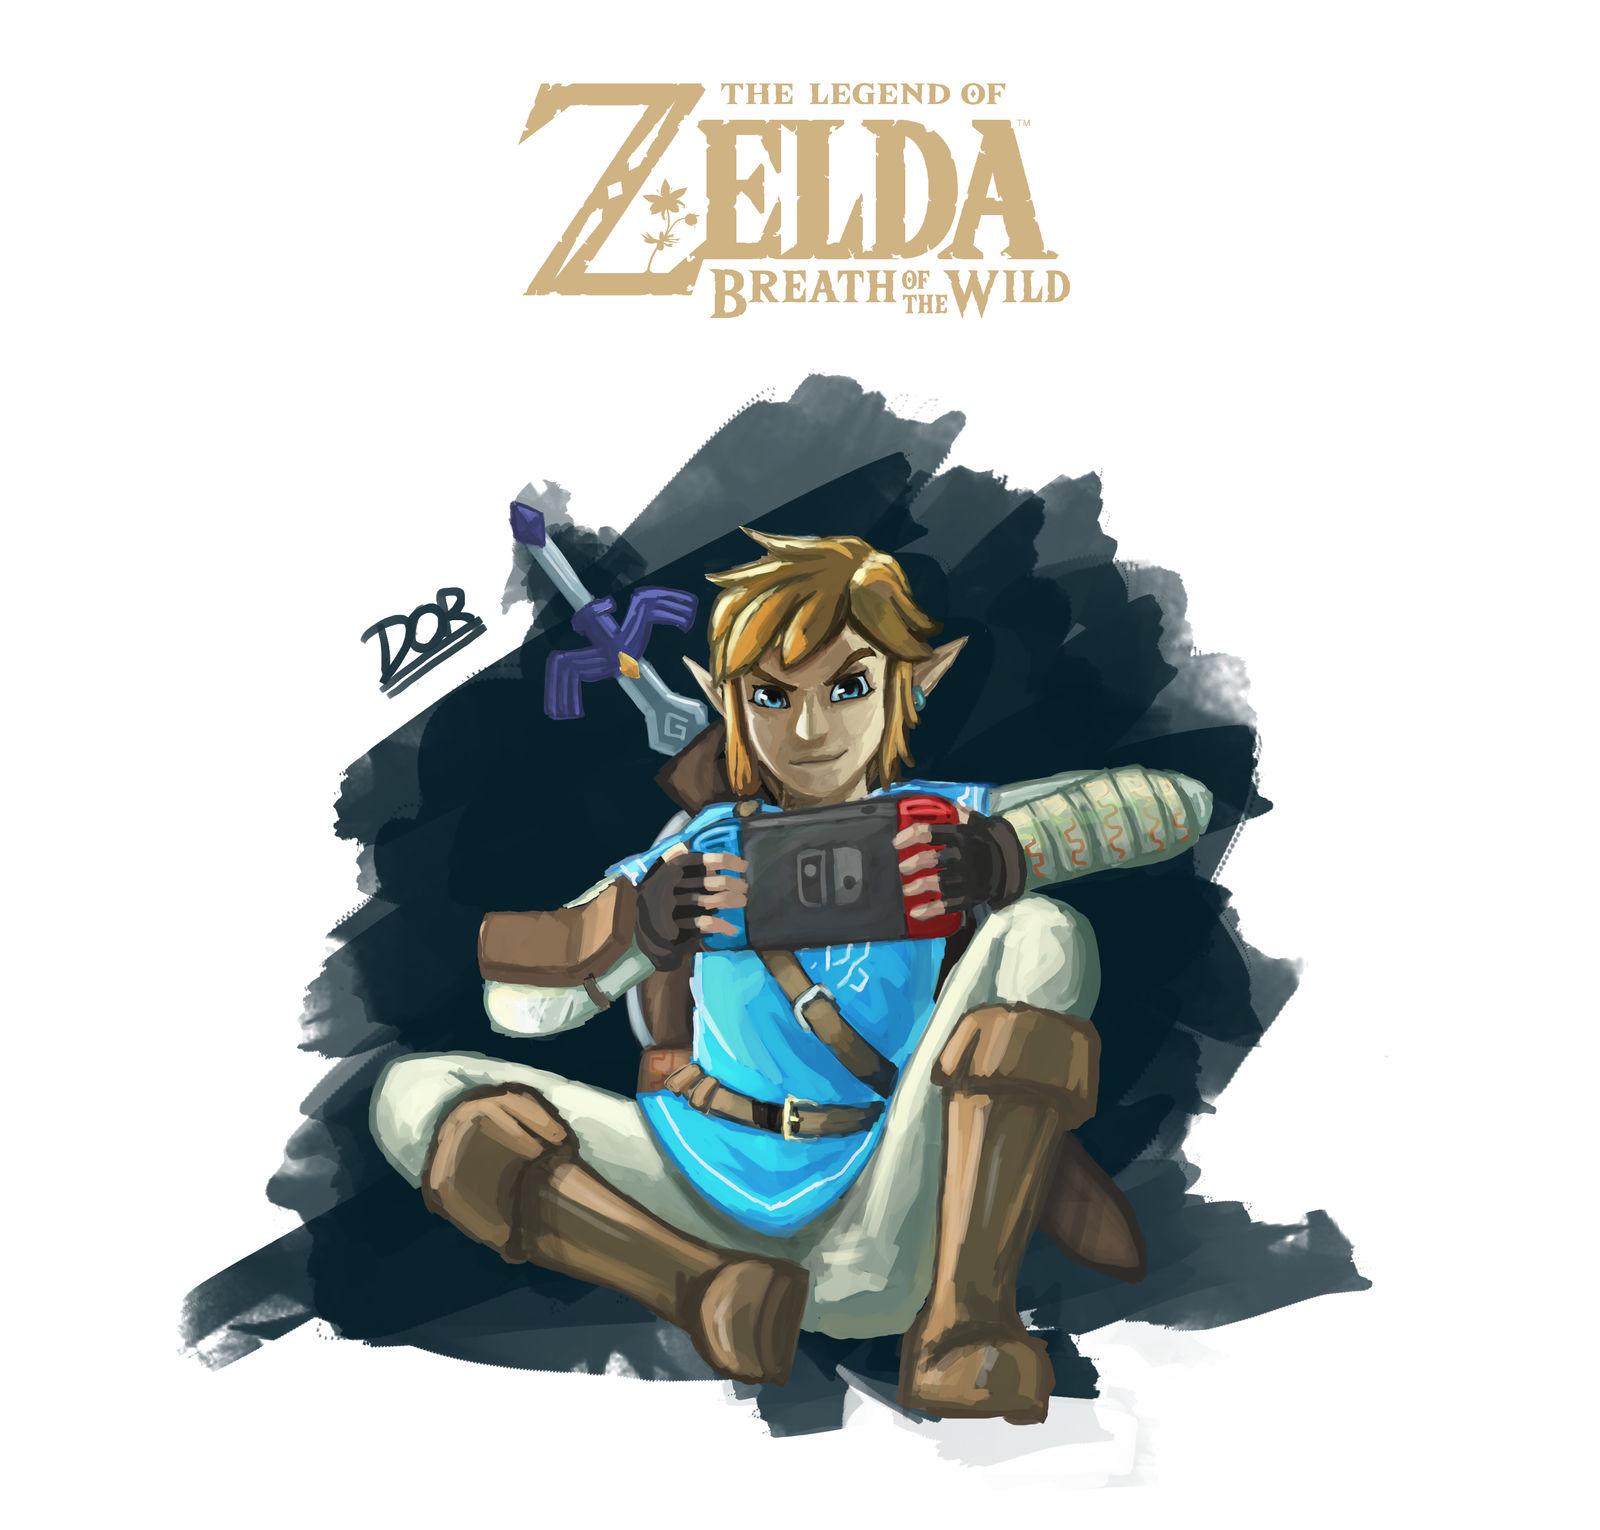 Zelda Botw Nintendo Switch Concept Art Fanart By Drixxart